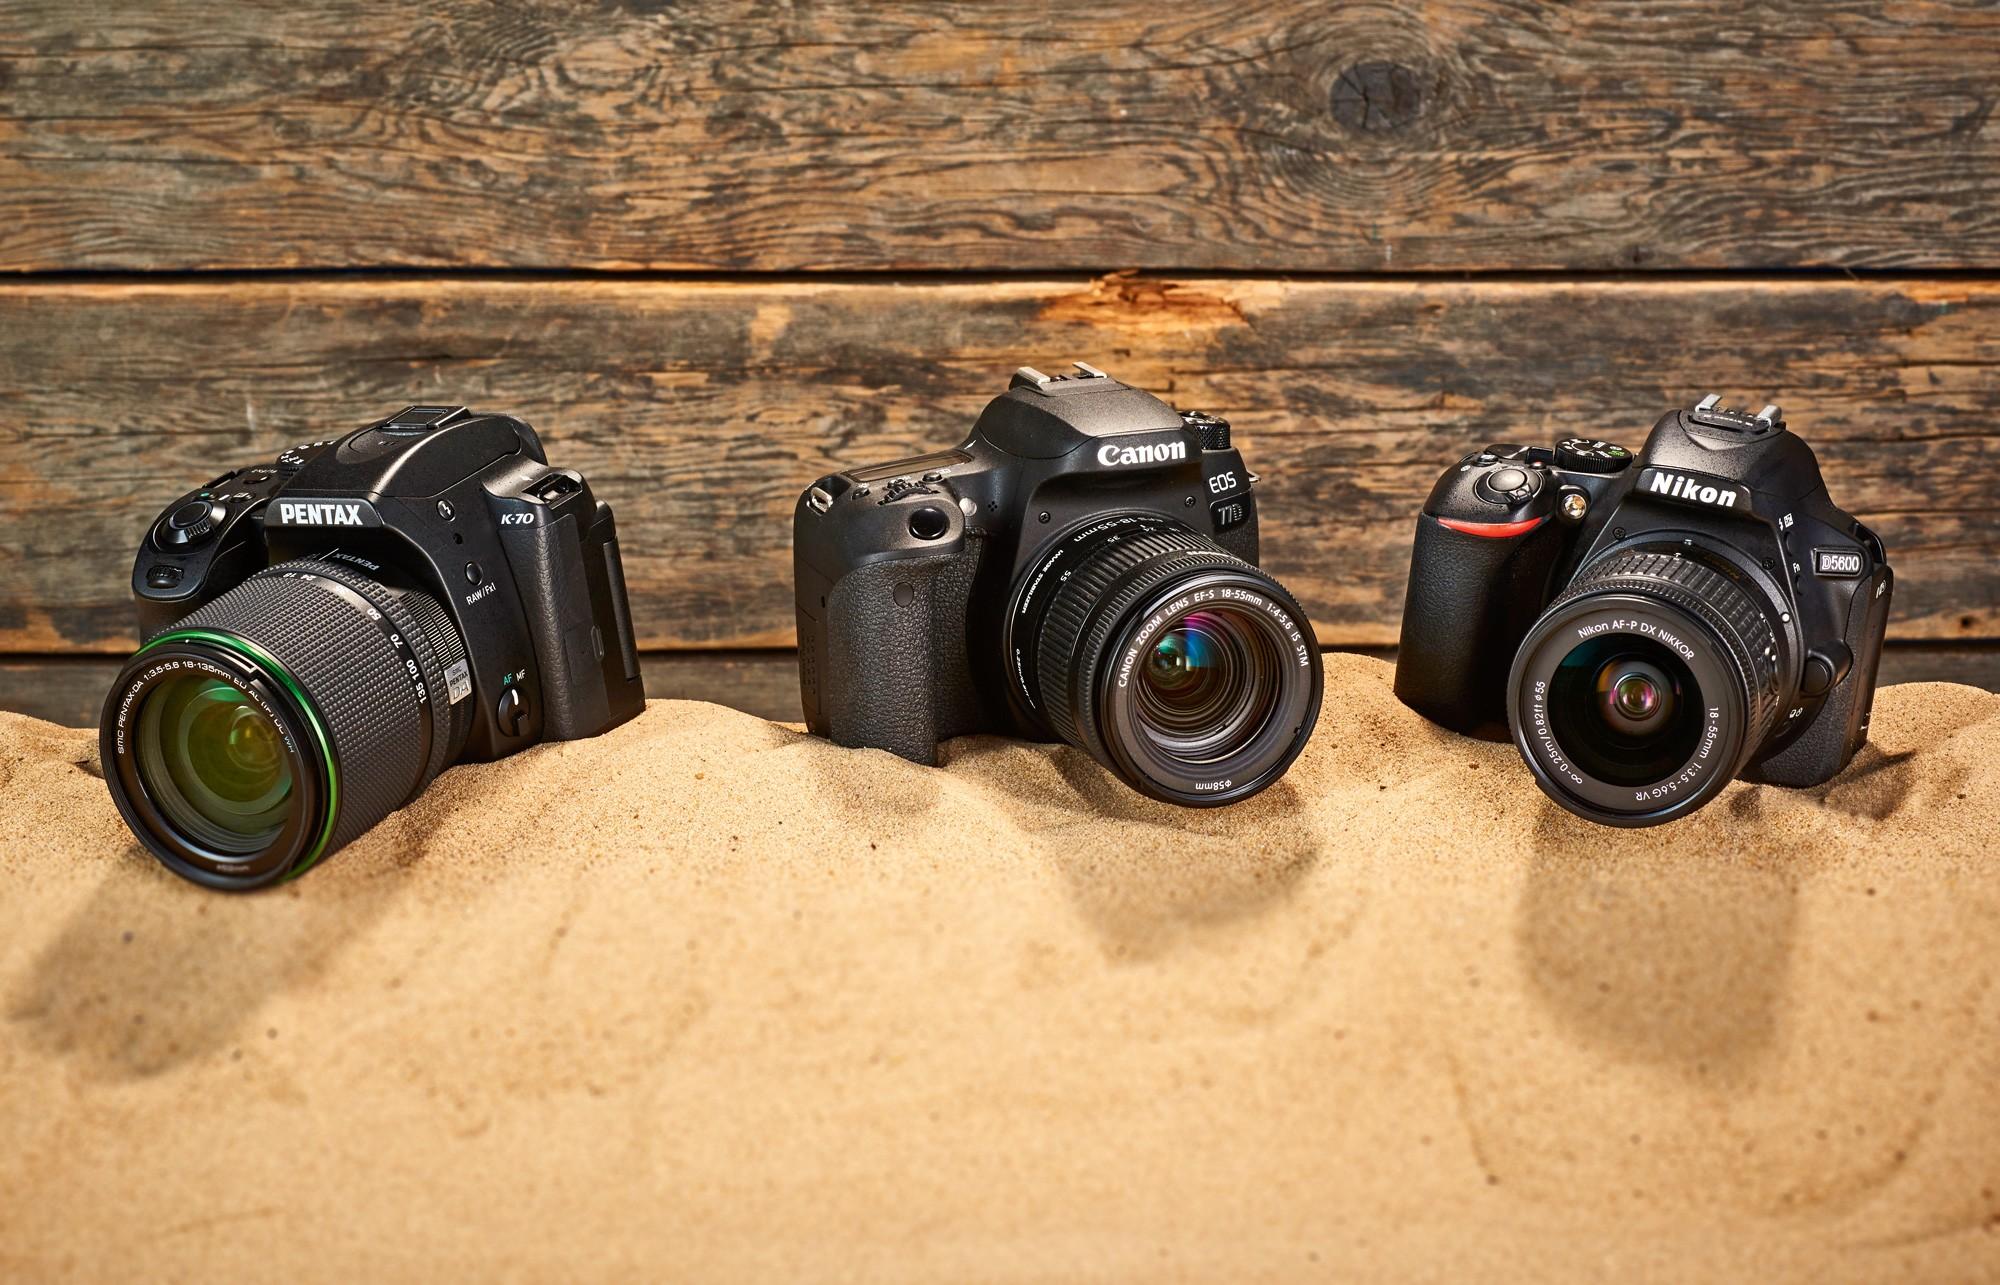 Aparaty DSLR | Test porównawczy | Canon, Nikon, Pentax